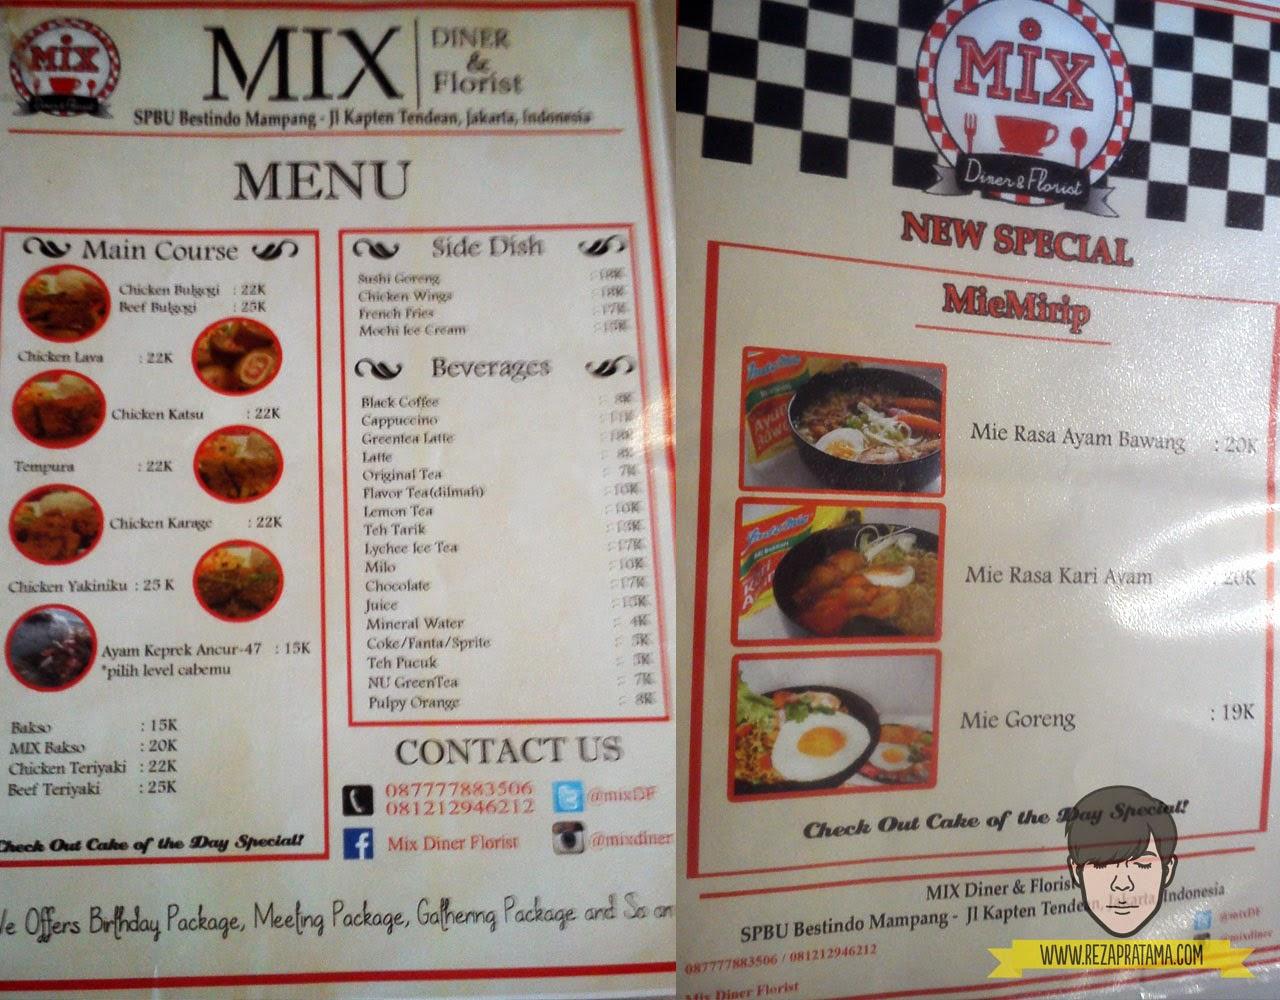 menu mix diner & florist - rezapratamacom